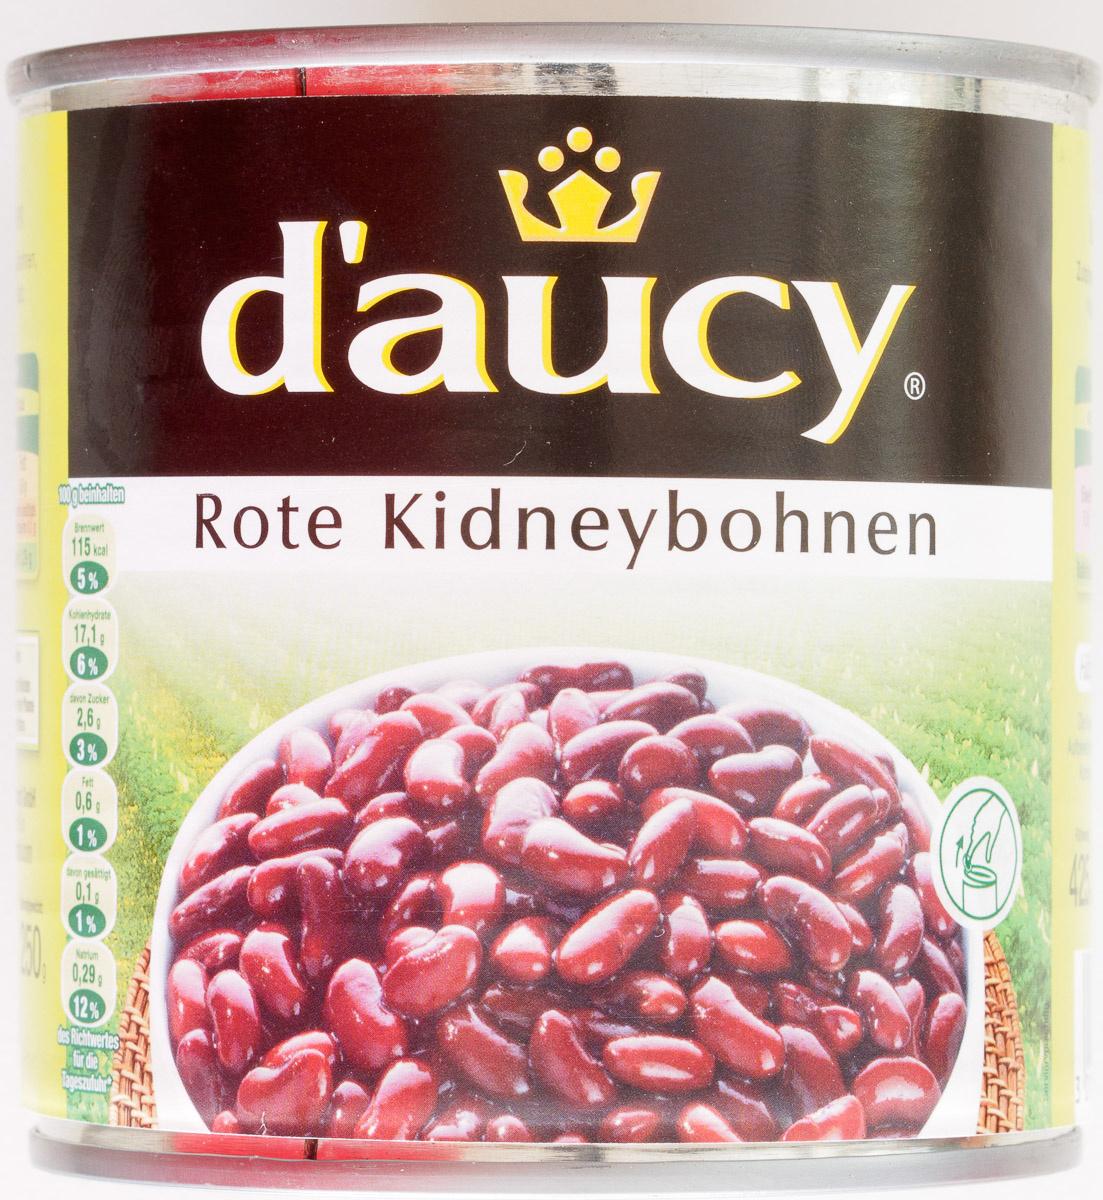 Rote Kidneybohnen - Produkt